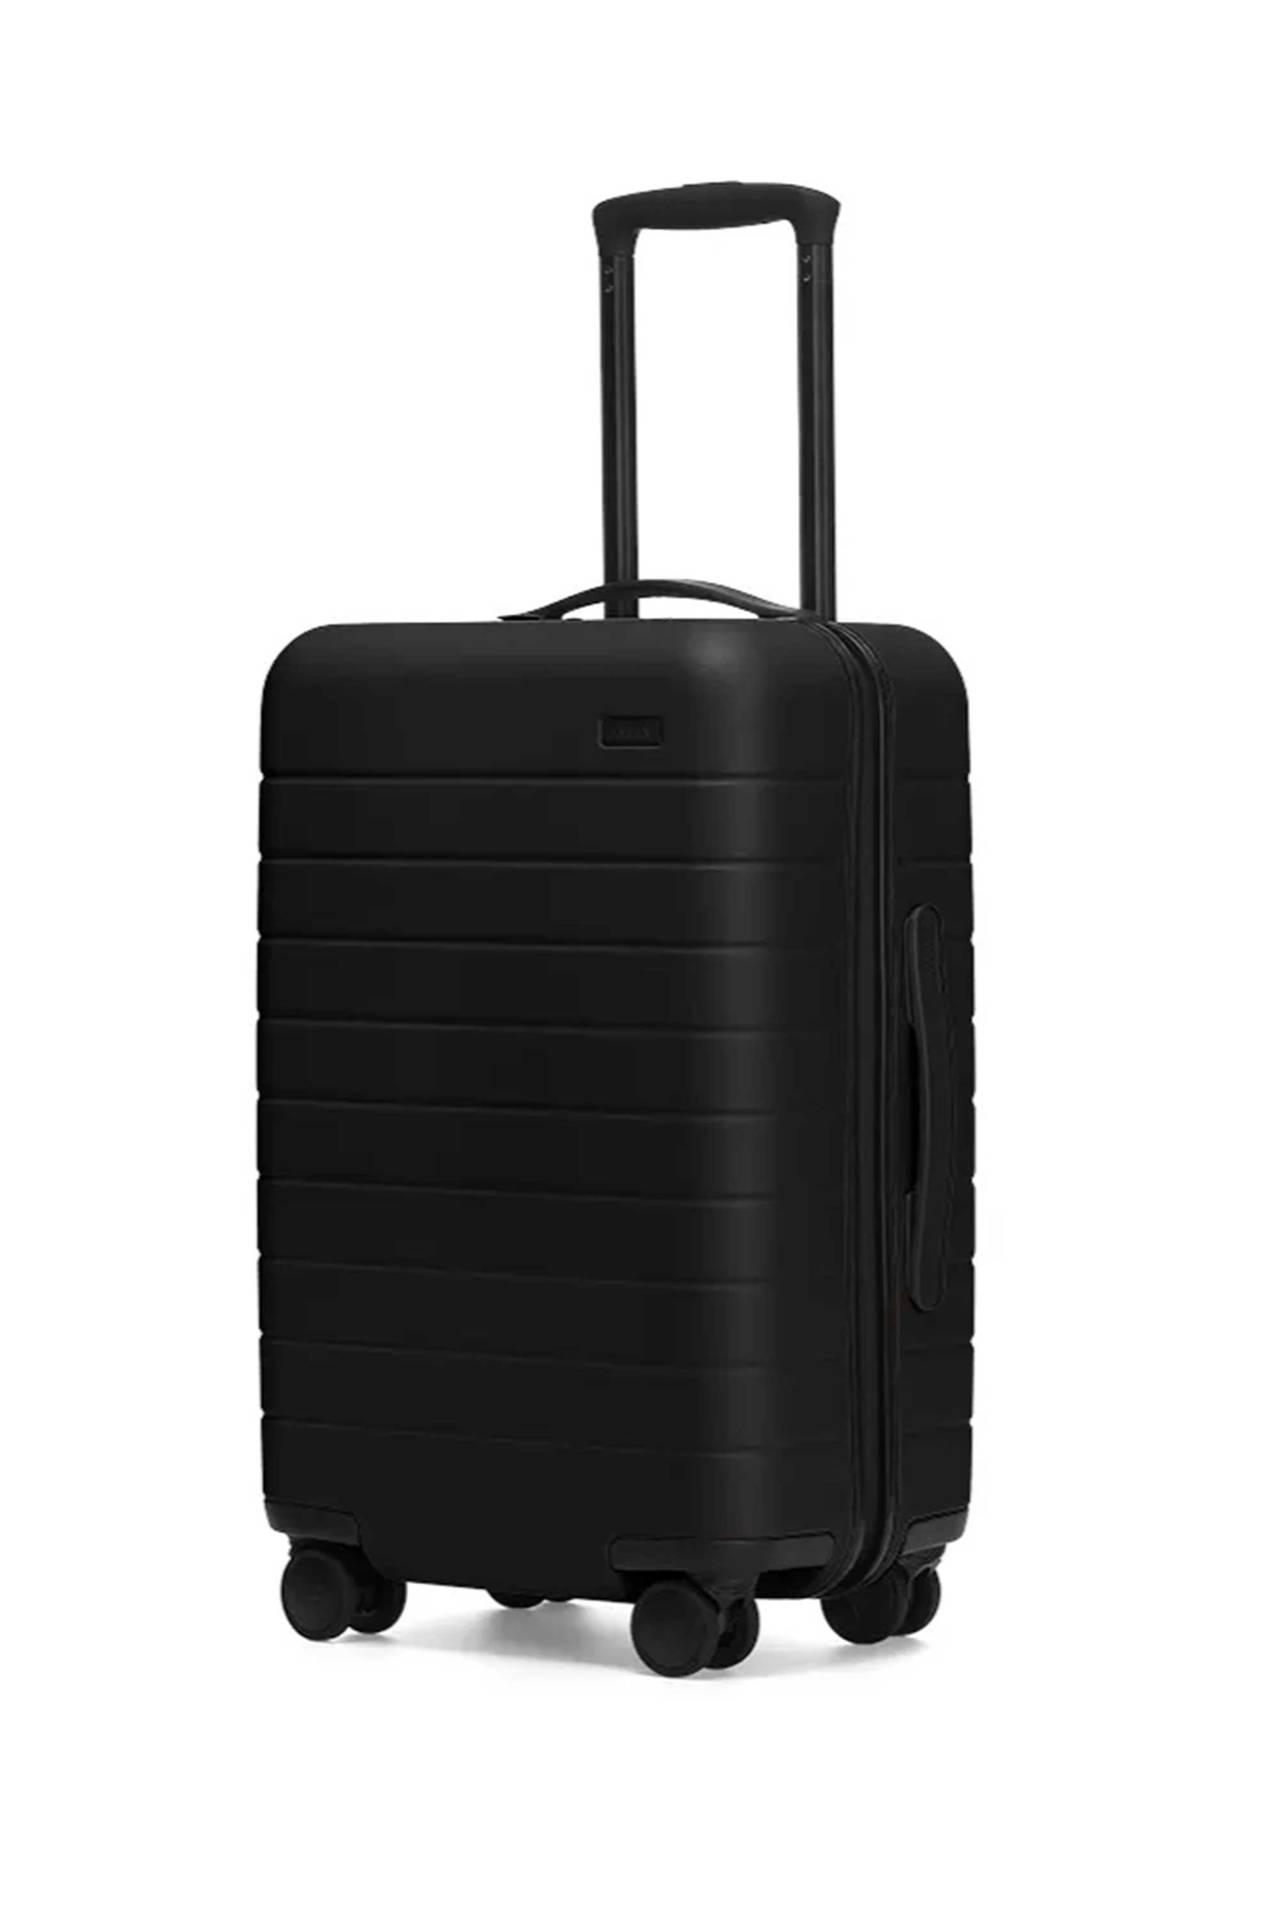 Bagage à main avec chargeur intégré